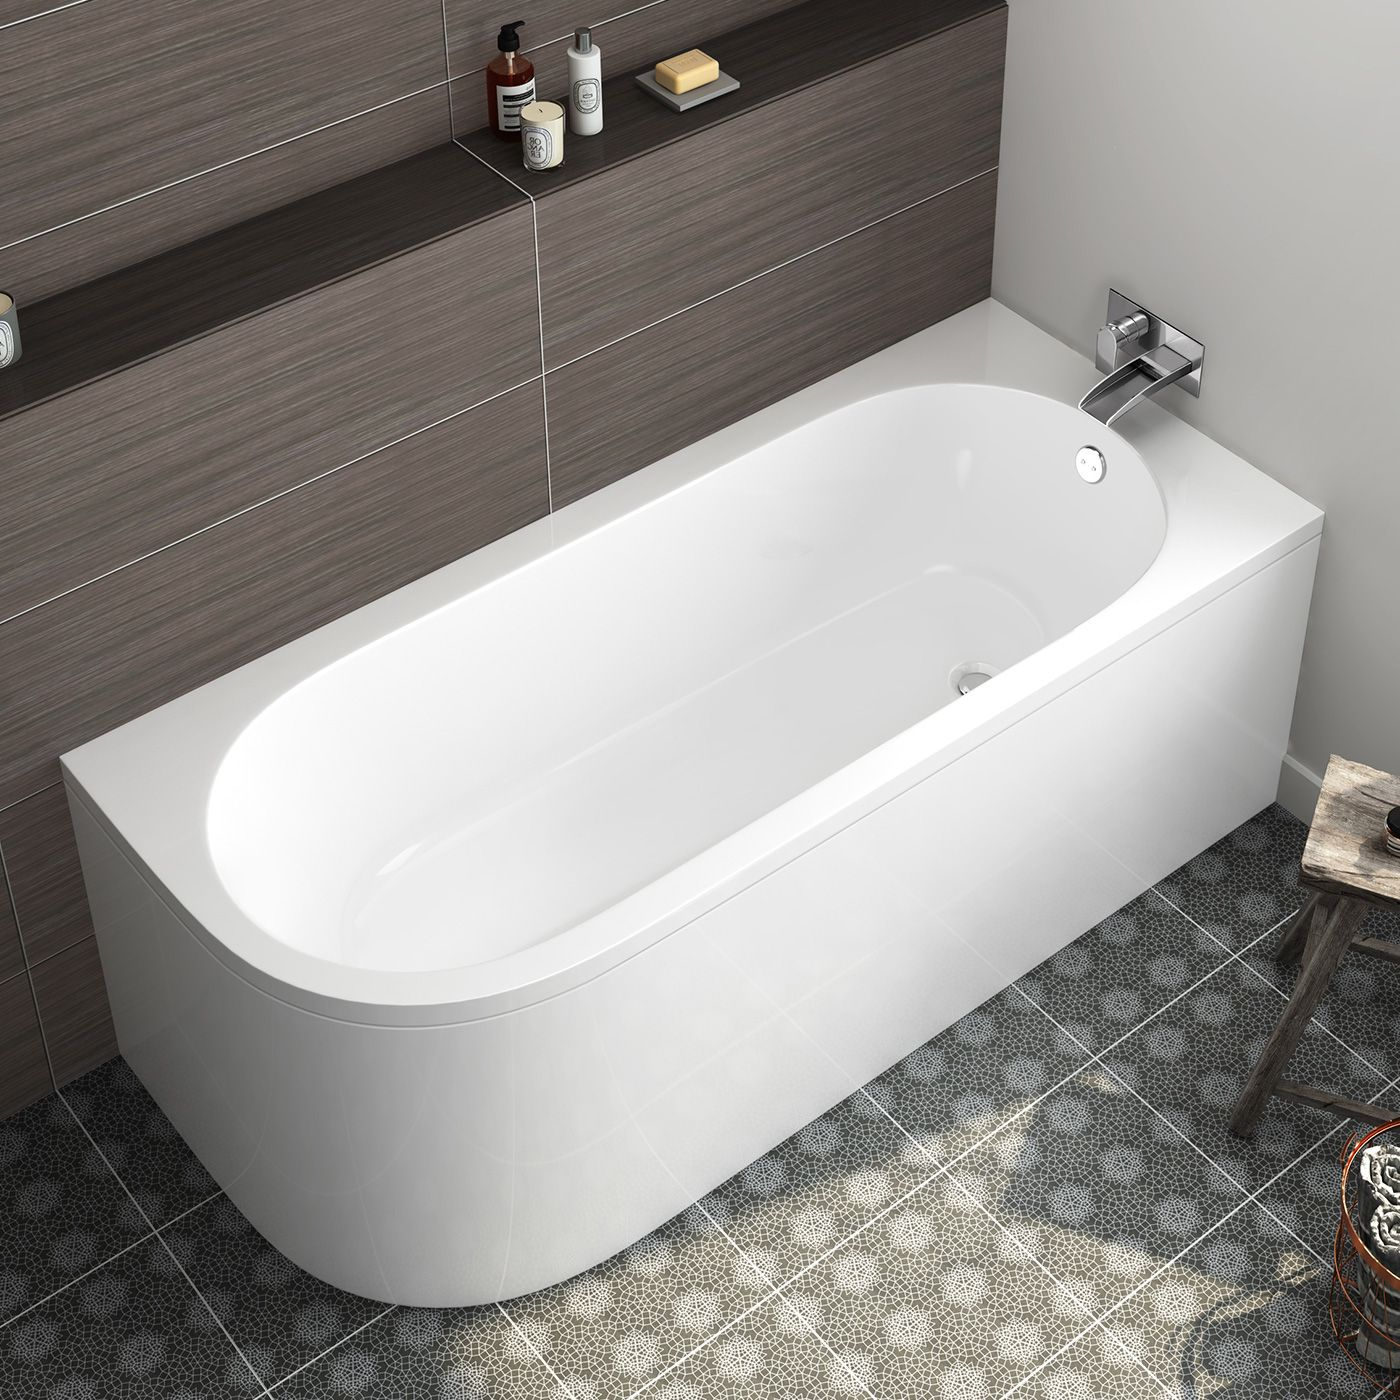 Corner Bathtub Yahoo Image Search Results Bathtub Remodel Bathtub Back To Wall Bath